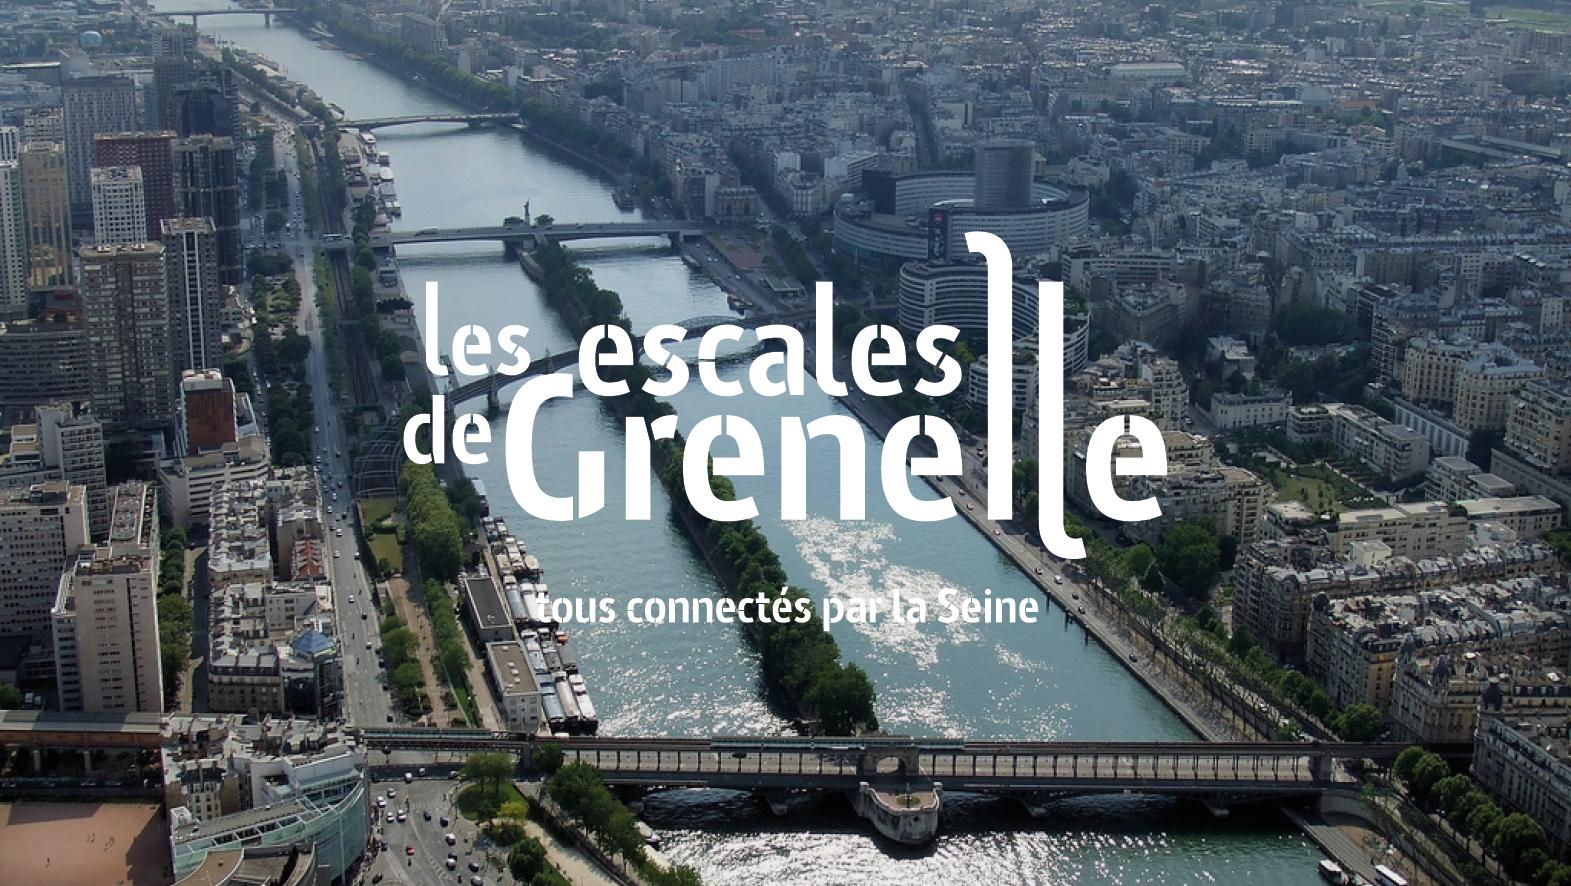 kretz+partners_project Les escales de Grenelle Paris_concept design16.jpg